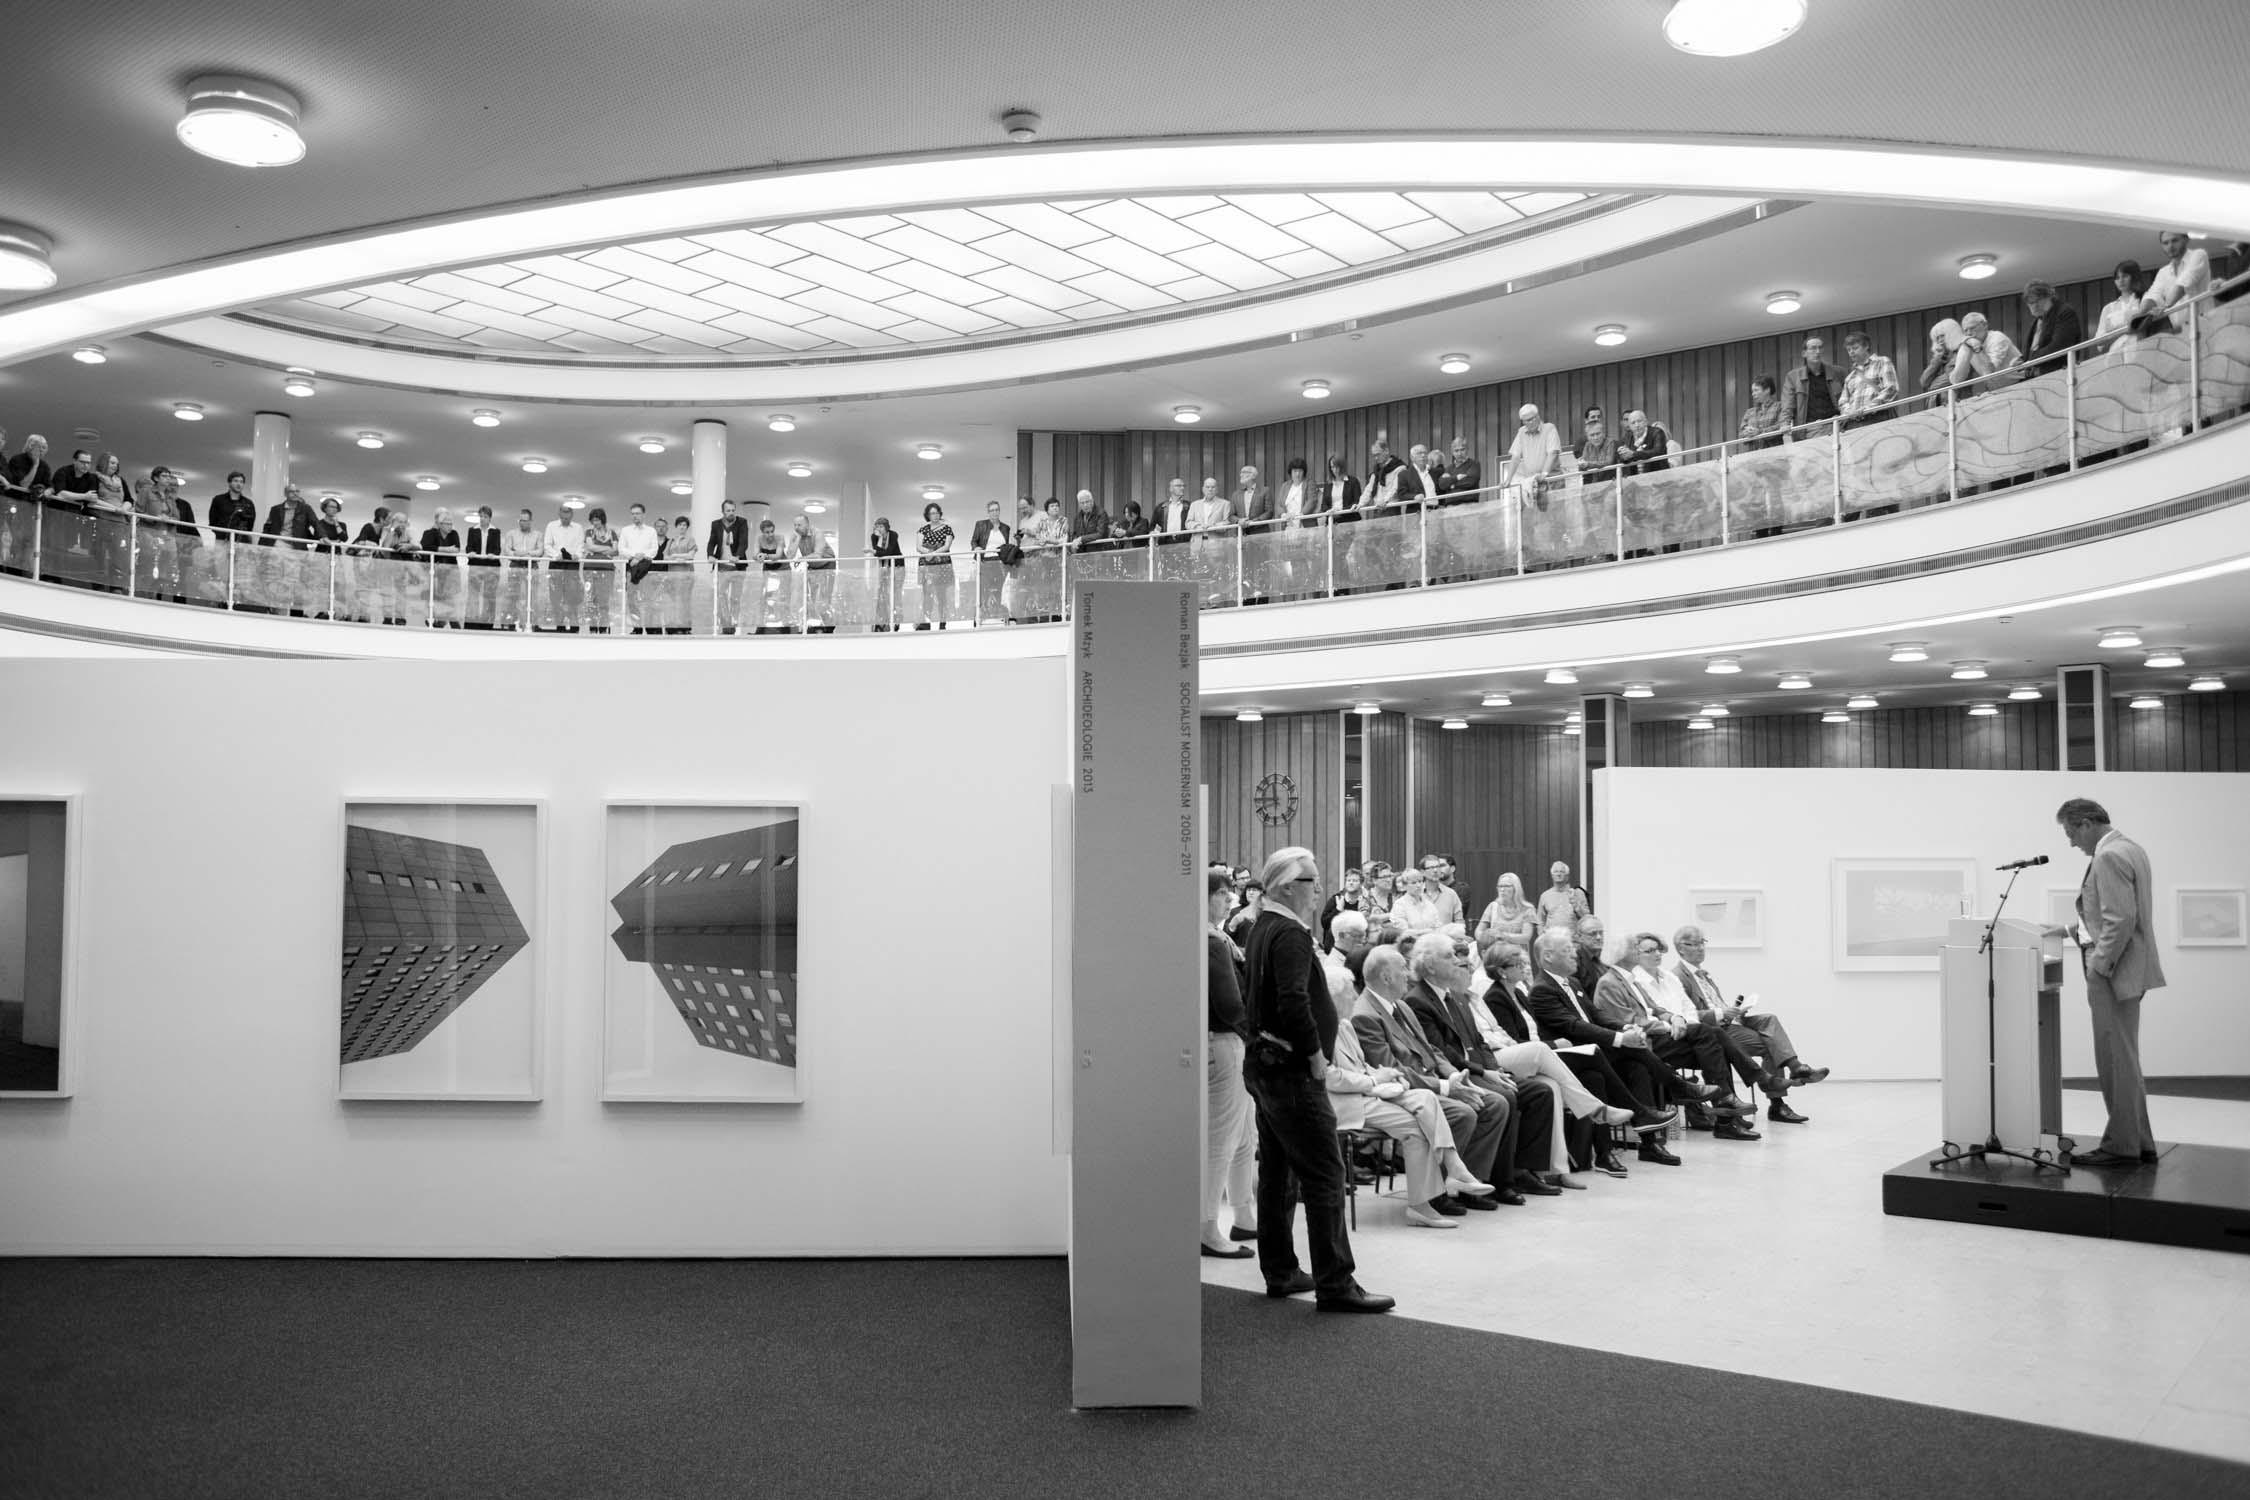 die bielefelder schule eröffnung vernissage publikum bilder zuhören rede wand ausstellung bielefeld fh gestaltung jörn strojny